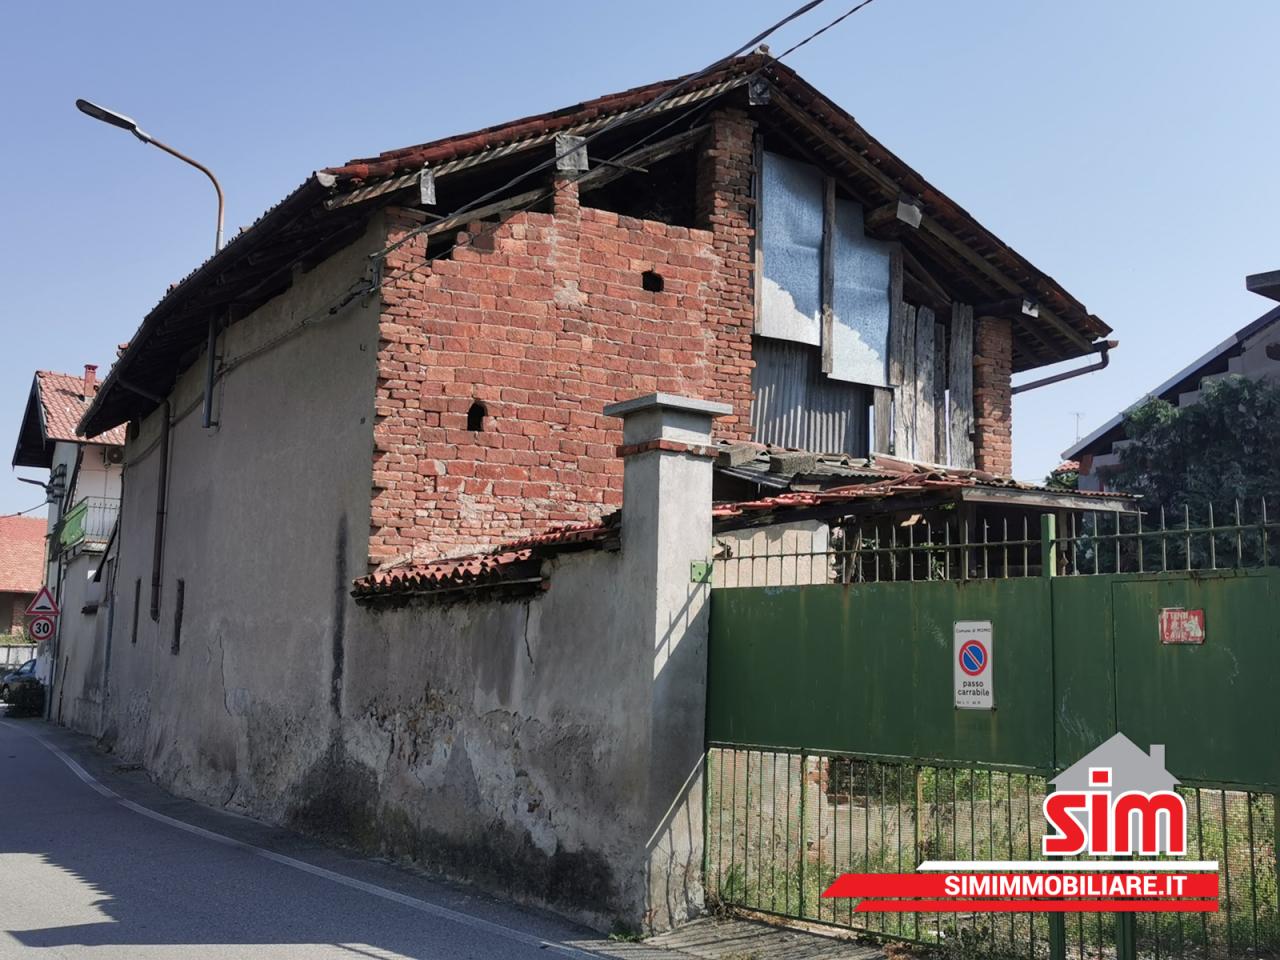 Rustico / Casale in vendita a Momo, 4 locali, prezzo € 40.000   PortaleAgenzieImmobiliari.it